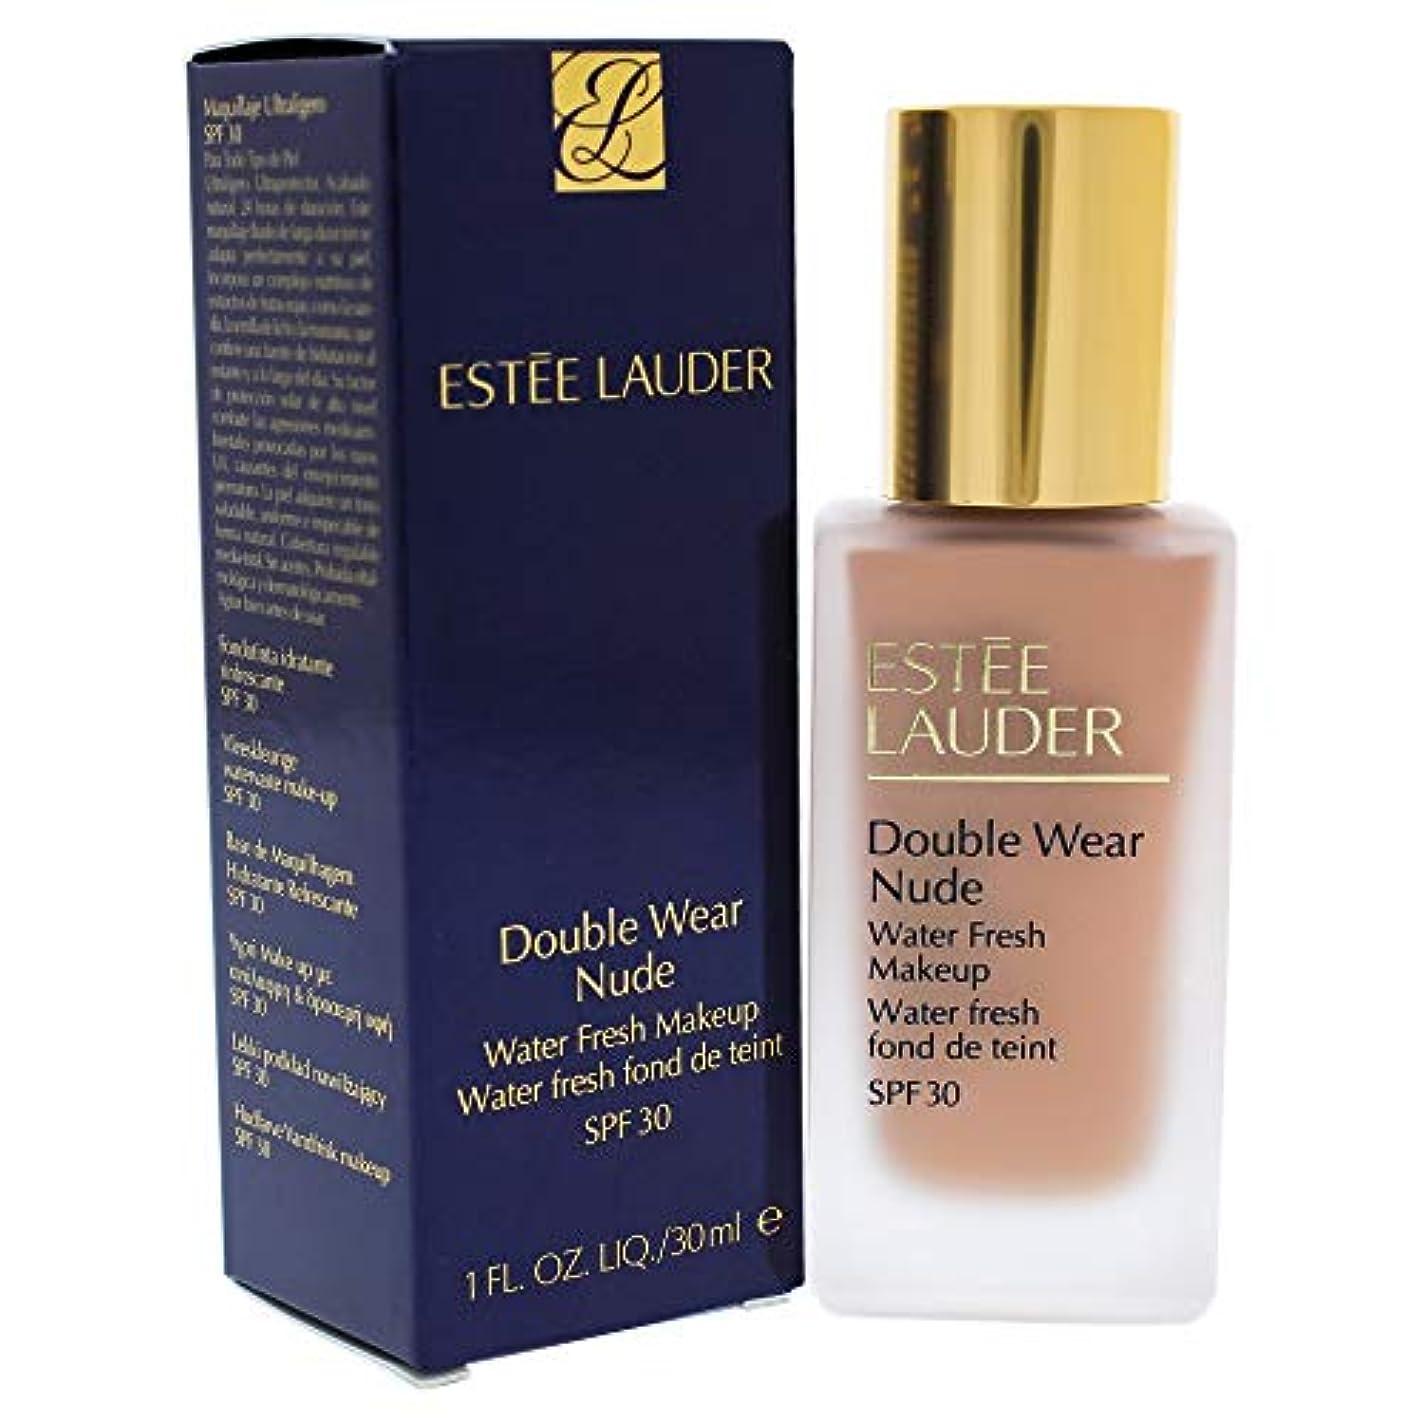 会話等々解明するエスティローダー Double Wear Nude Water Fresh Makeup SPF 30 - # 4C1 Outdoor Beige 30ml/1oz並行輸入品